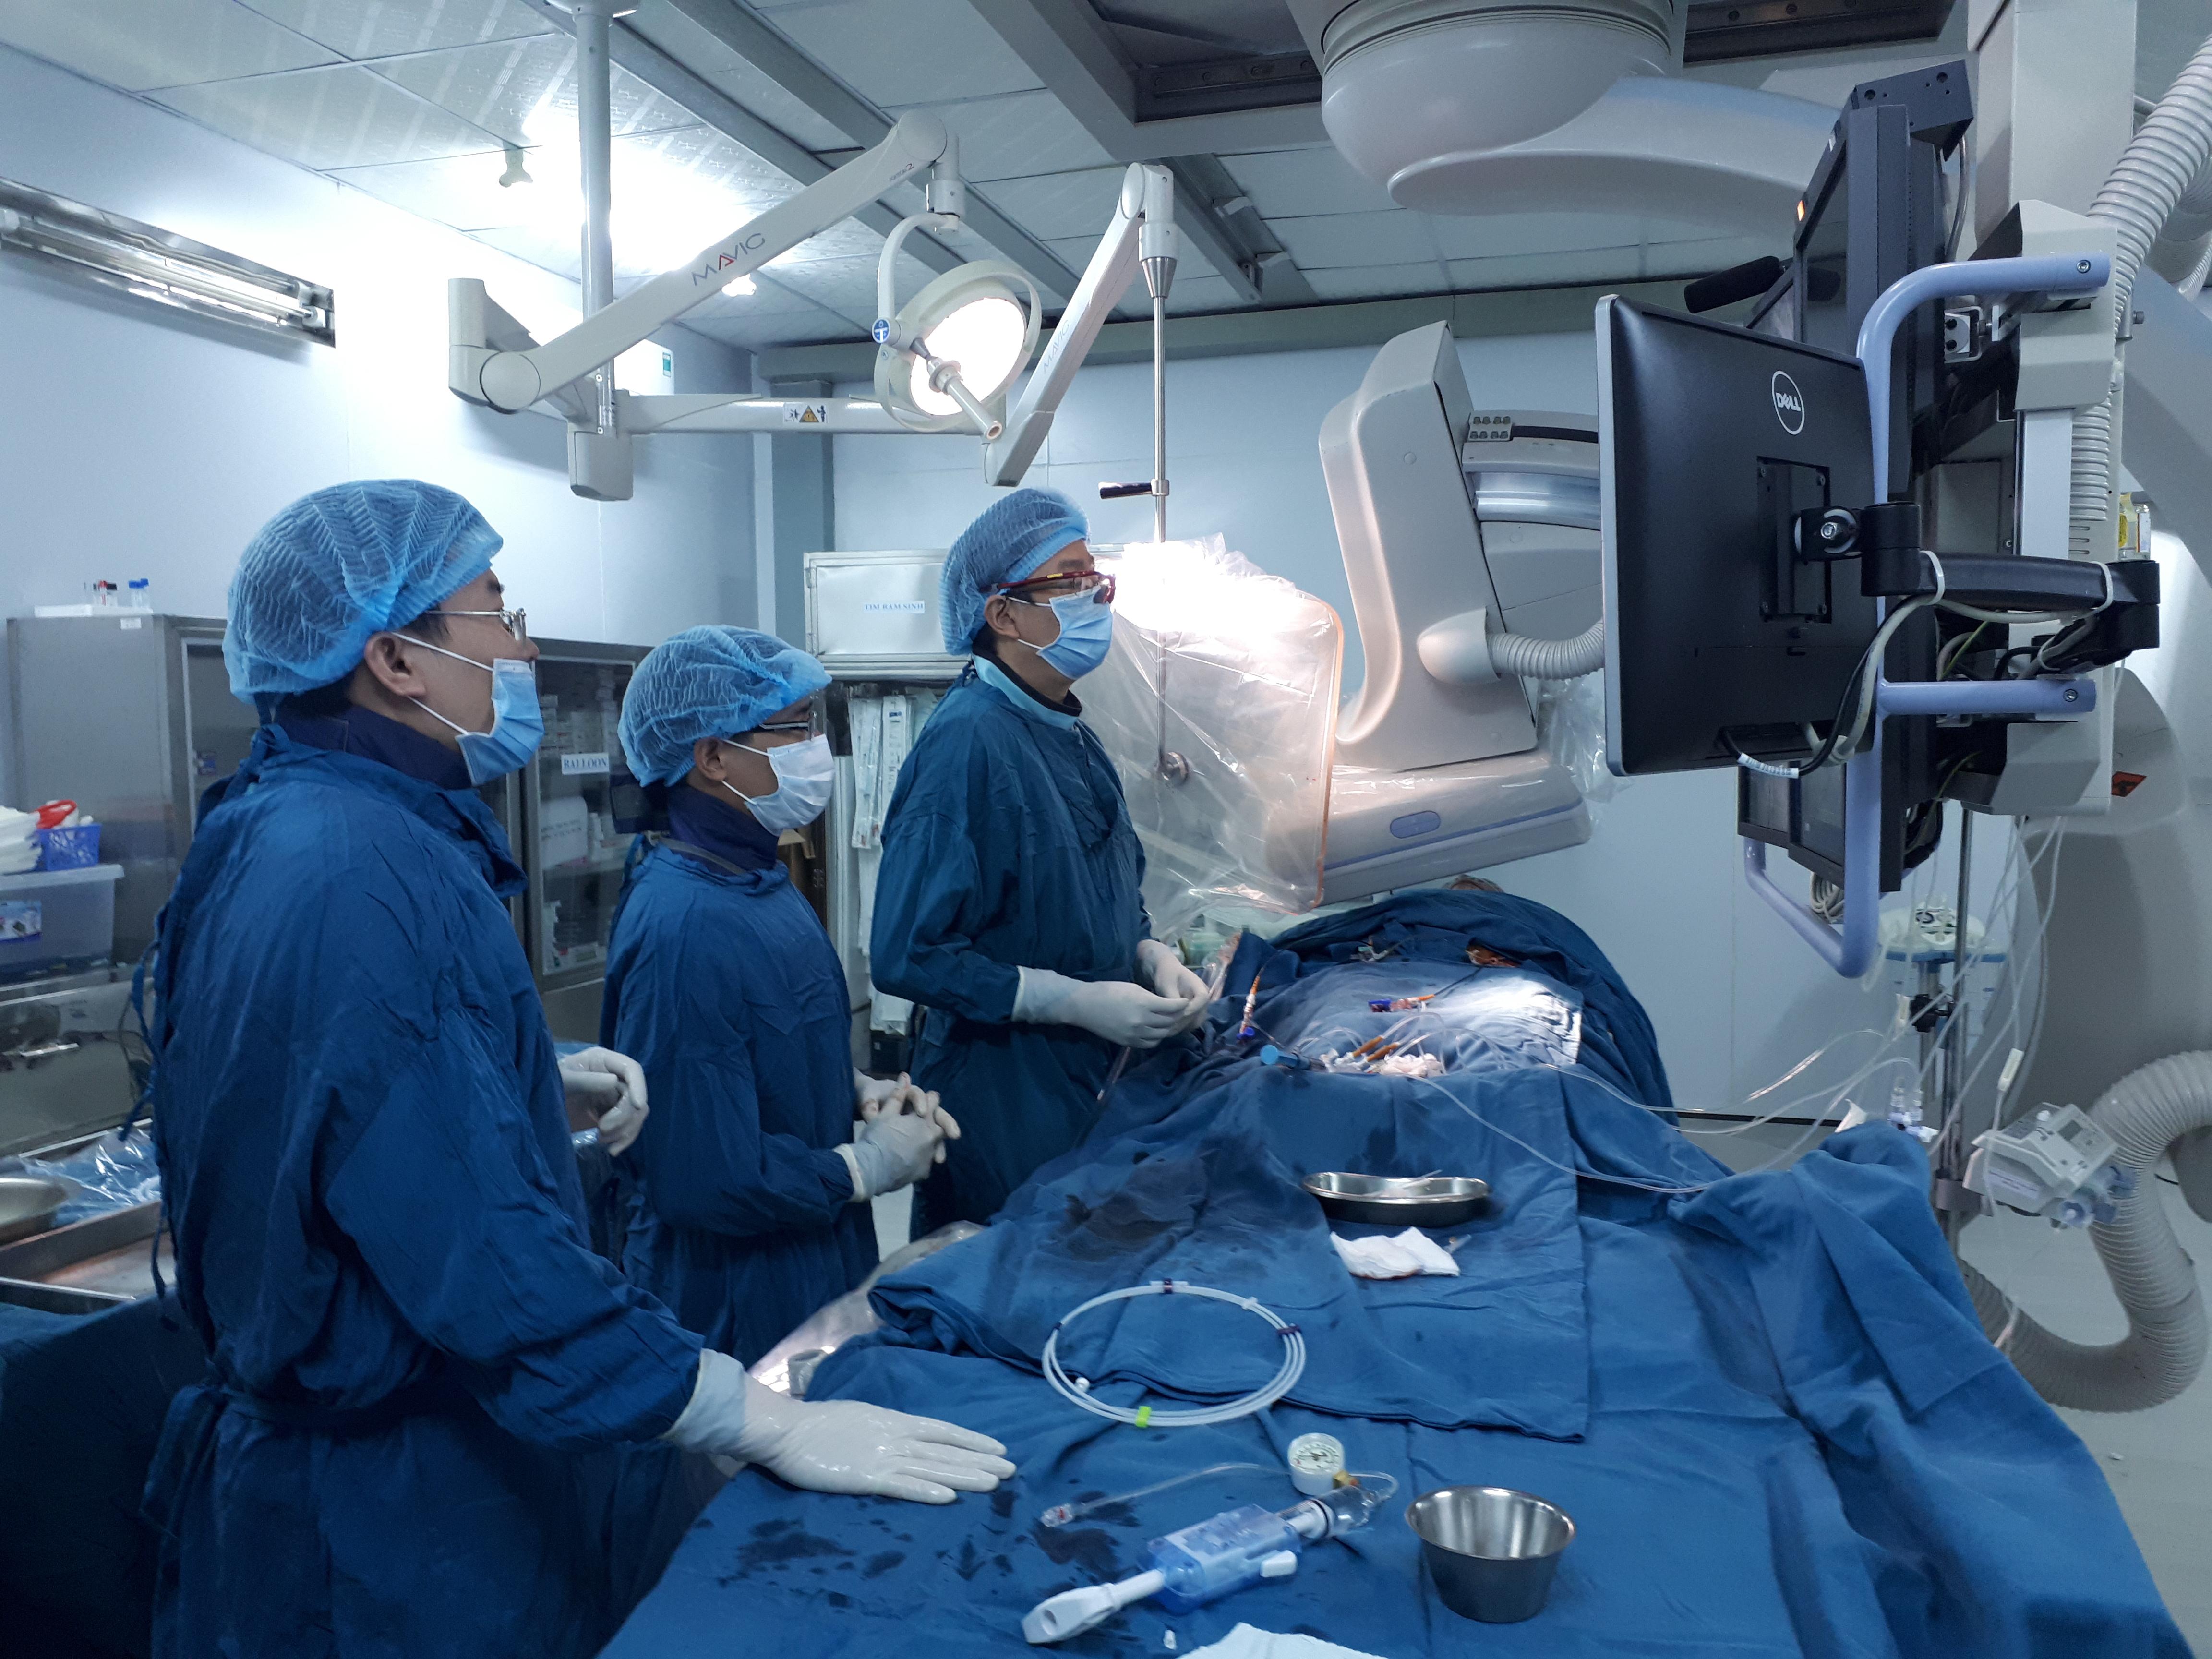 Quảng Trị: Thực hiện thành công thủ thuật đặt stent graft vào động mạch chủ